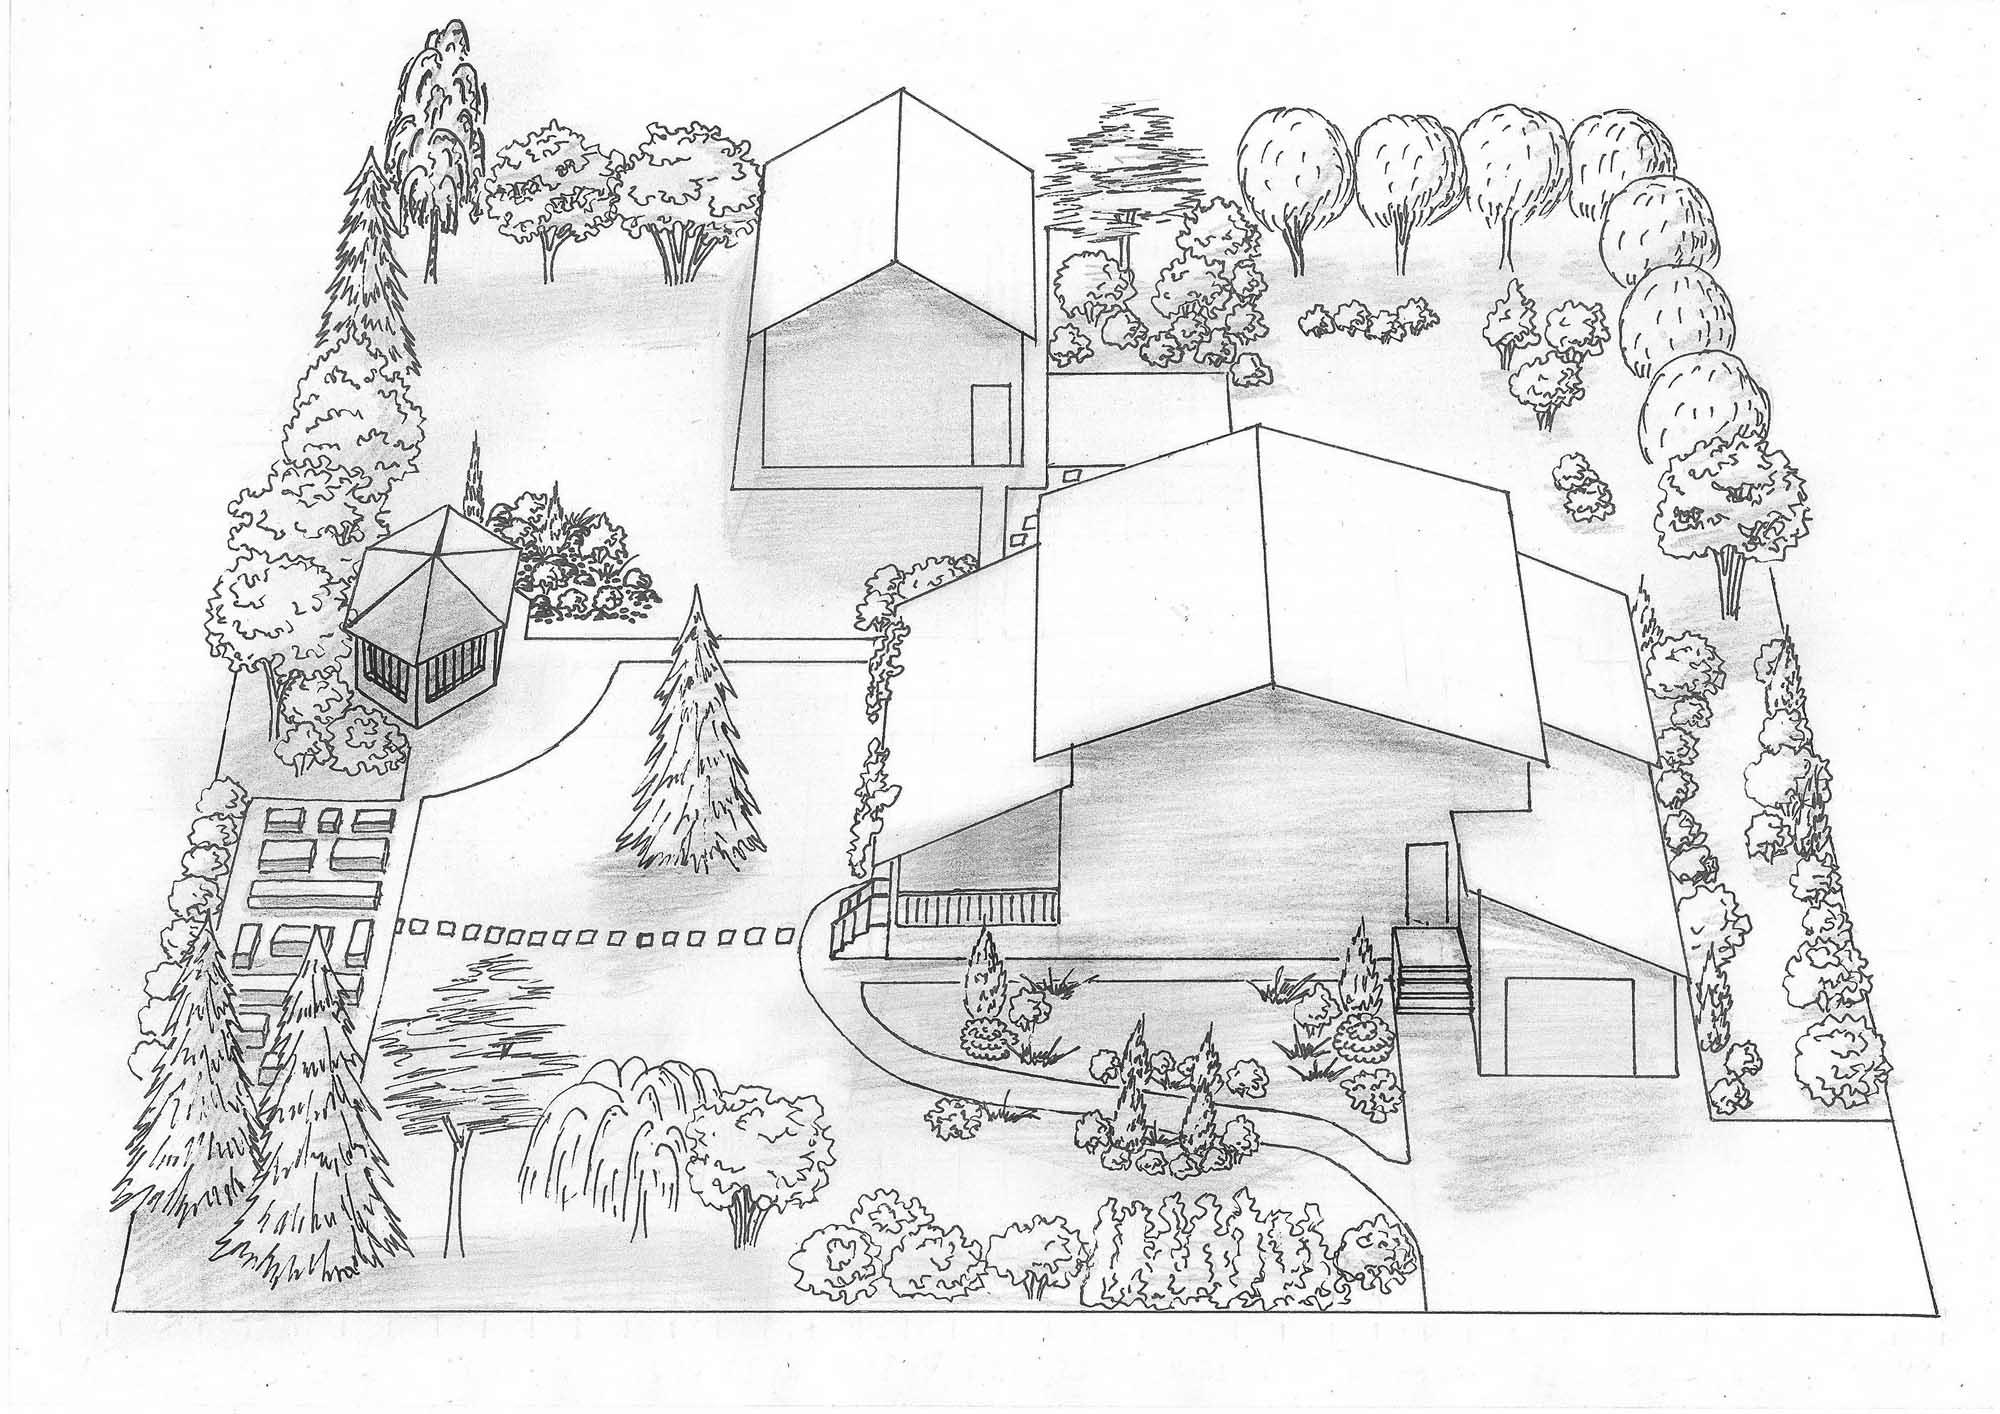 Программа для Планировки земельного участка онлайн